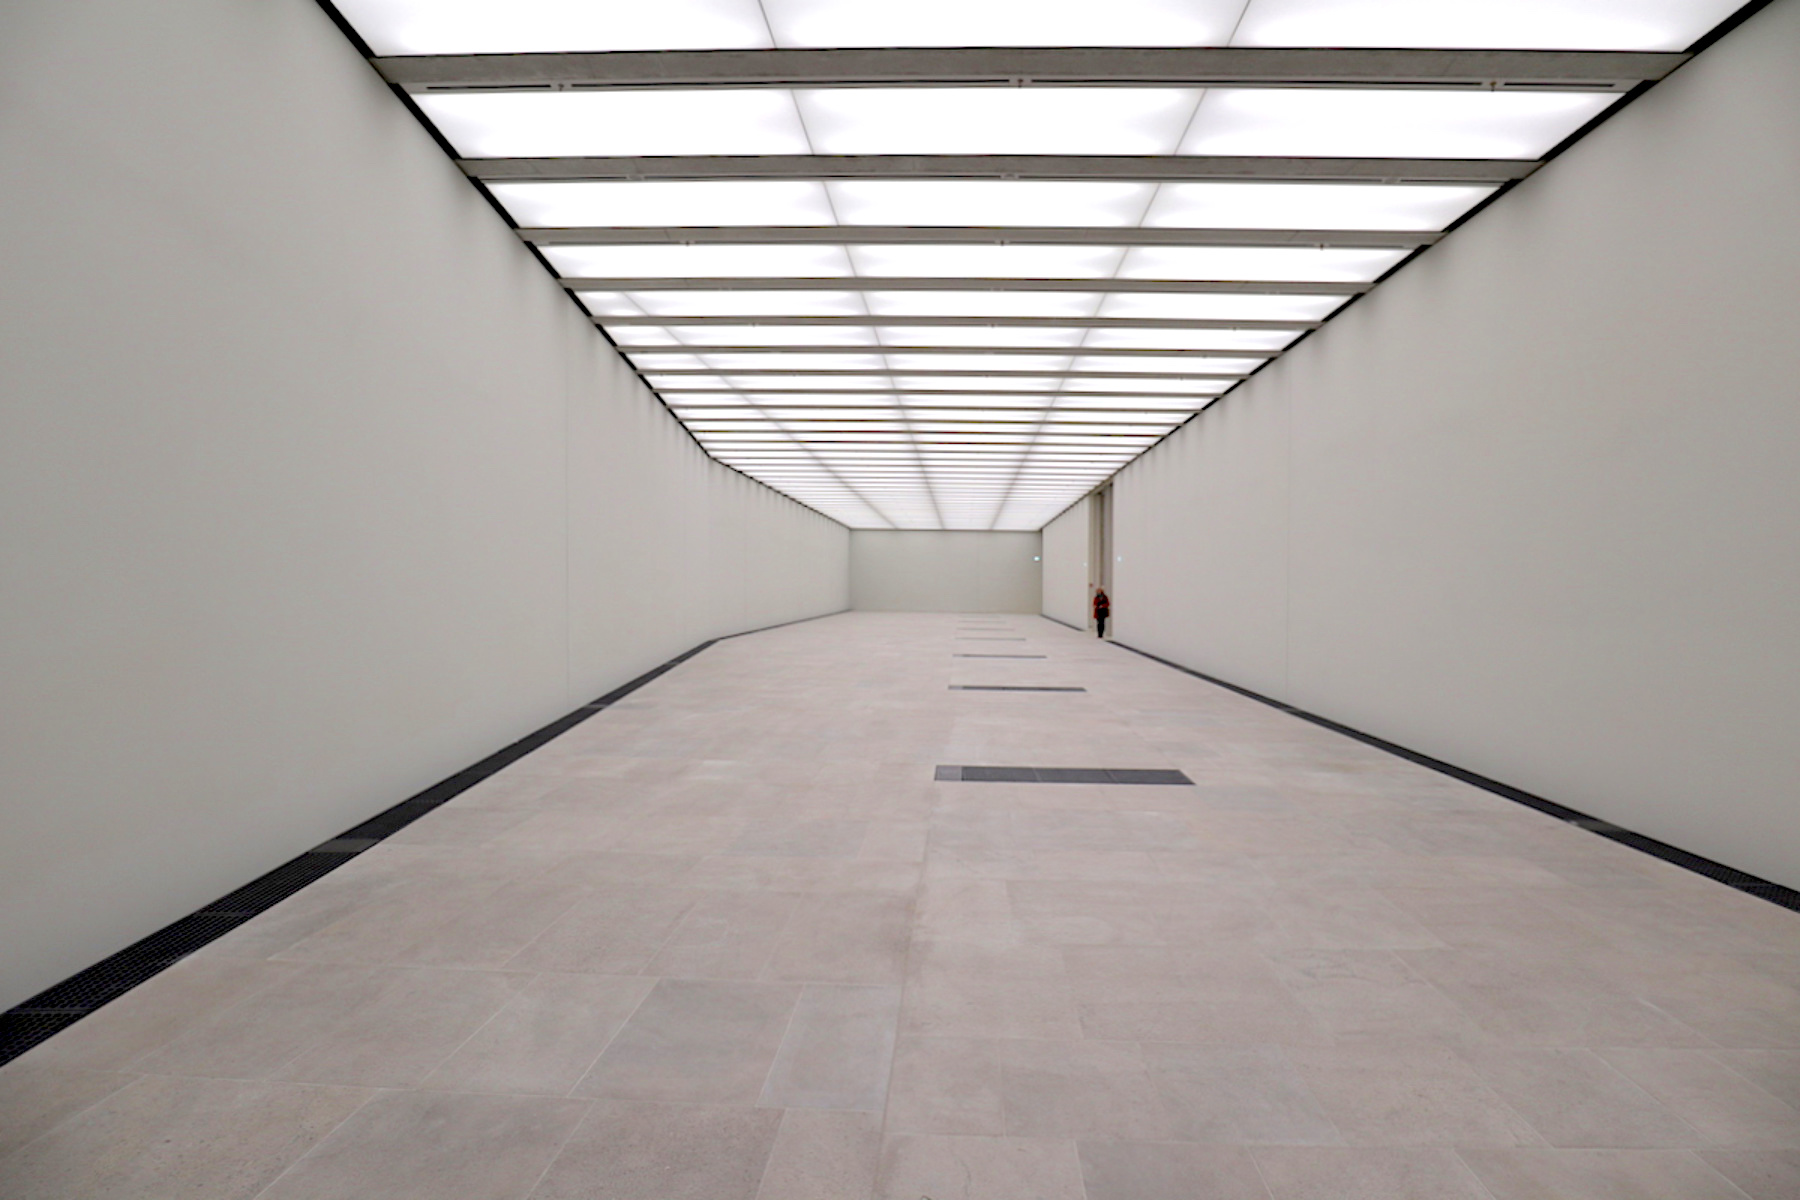 James-Simon-Galerie. Der Raum für Sonderausstellungen